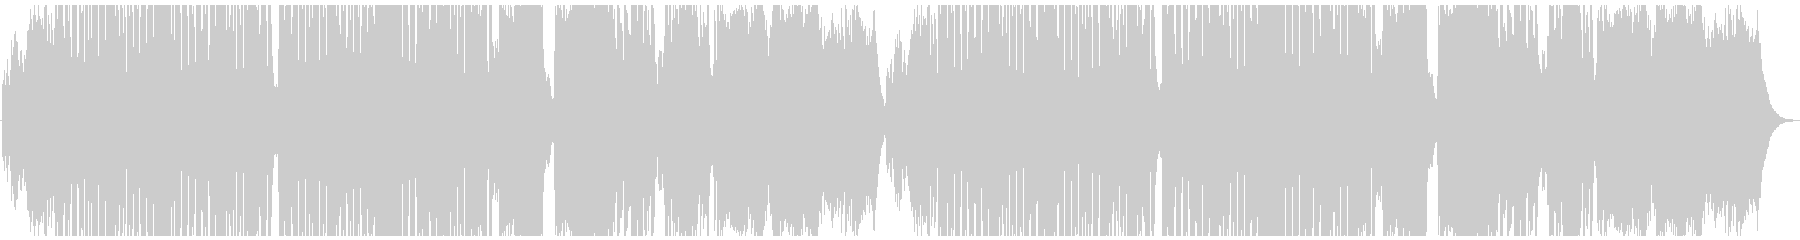 ハロウィン・コミカルなホラー曲の未再生の波形